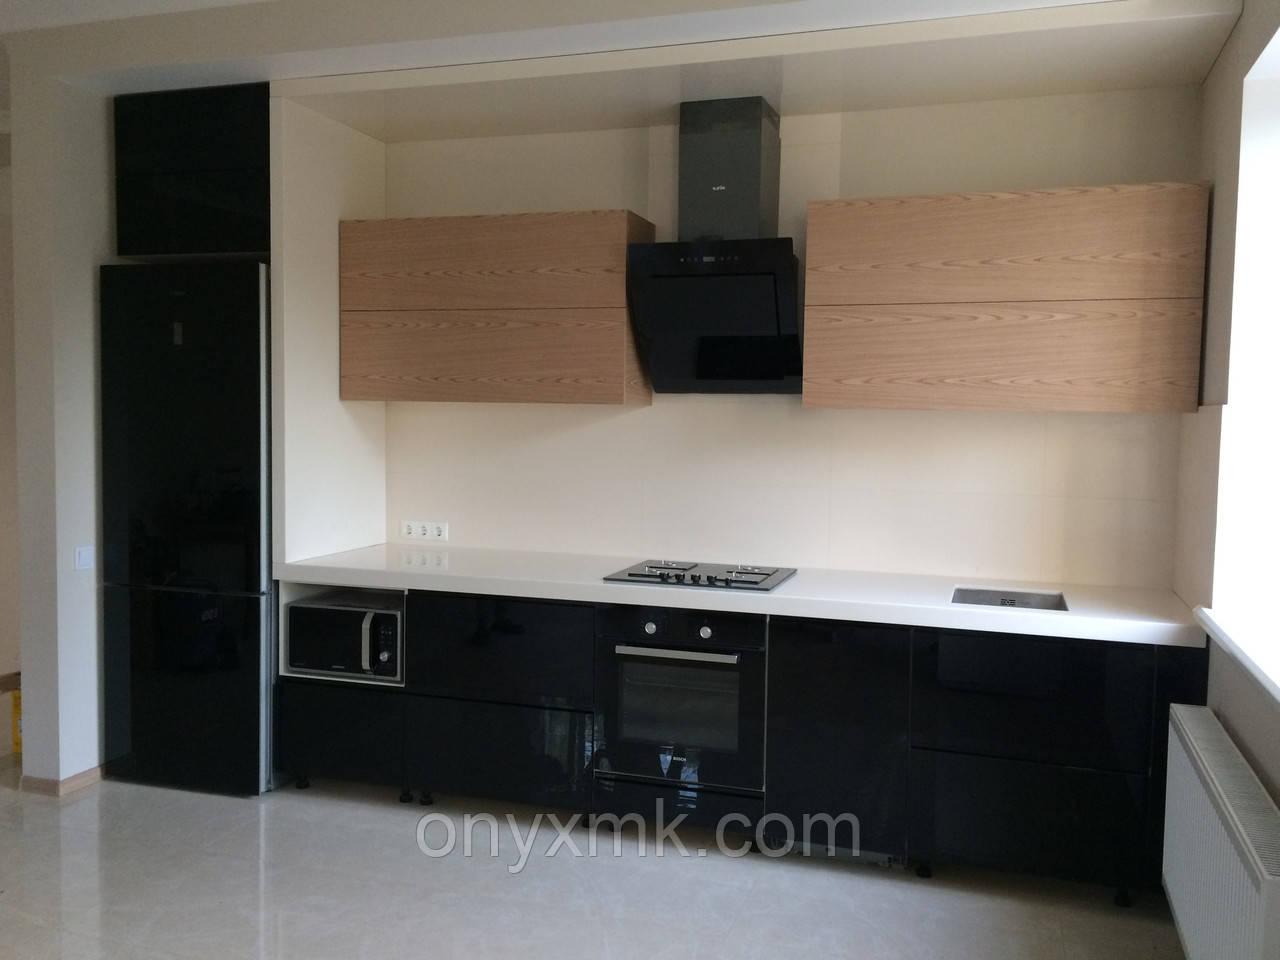 Встроенная кухня с С-образным коробом